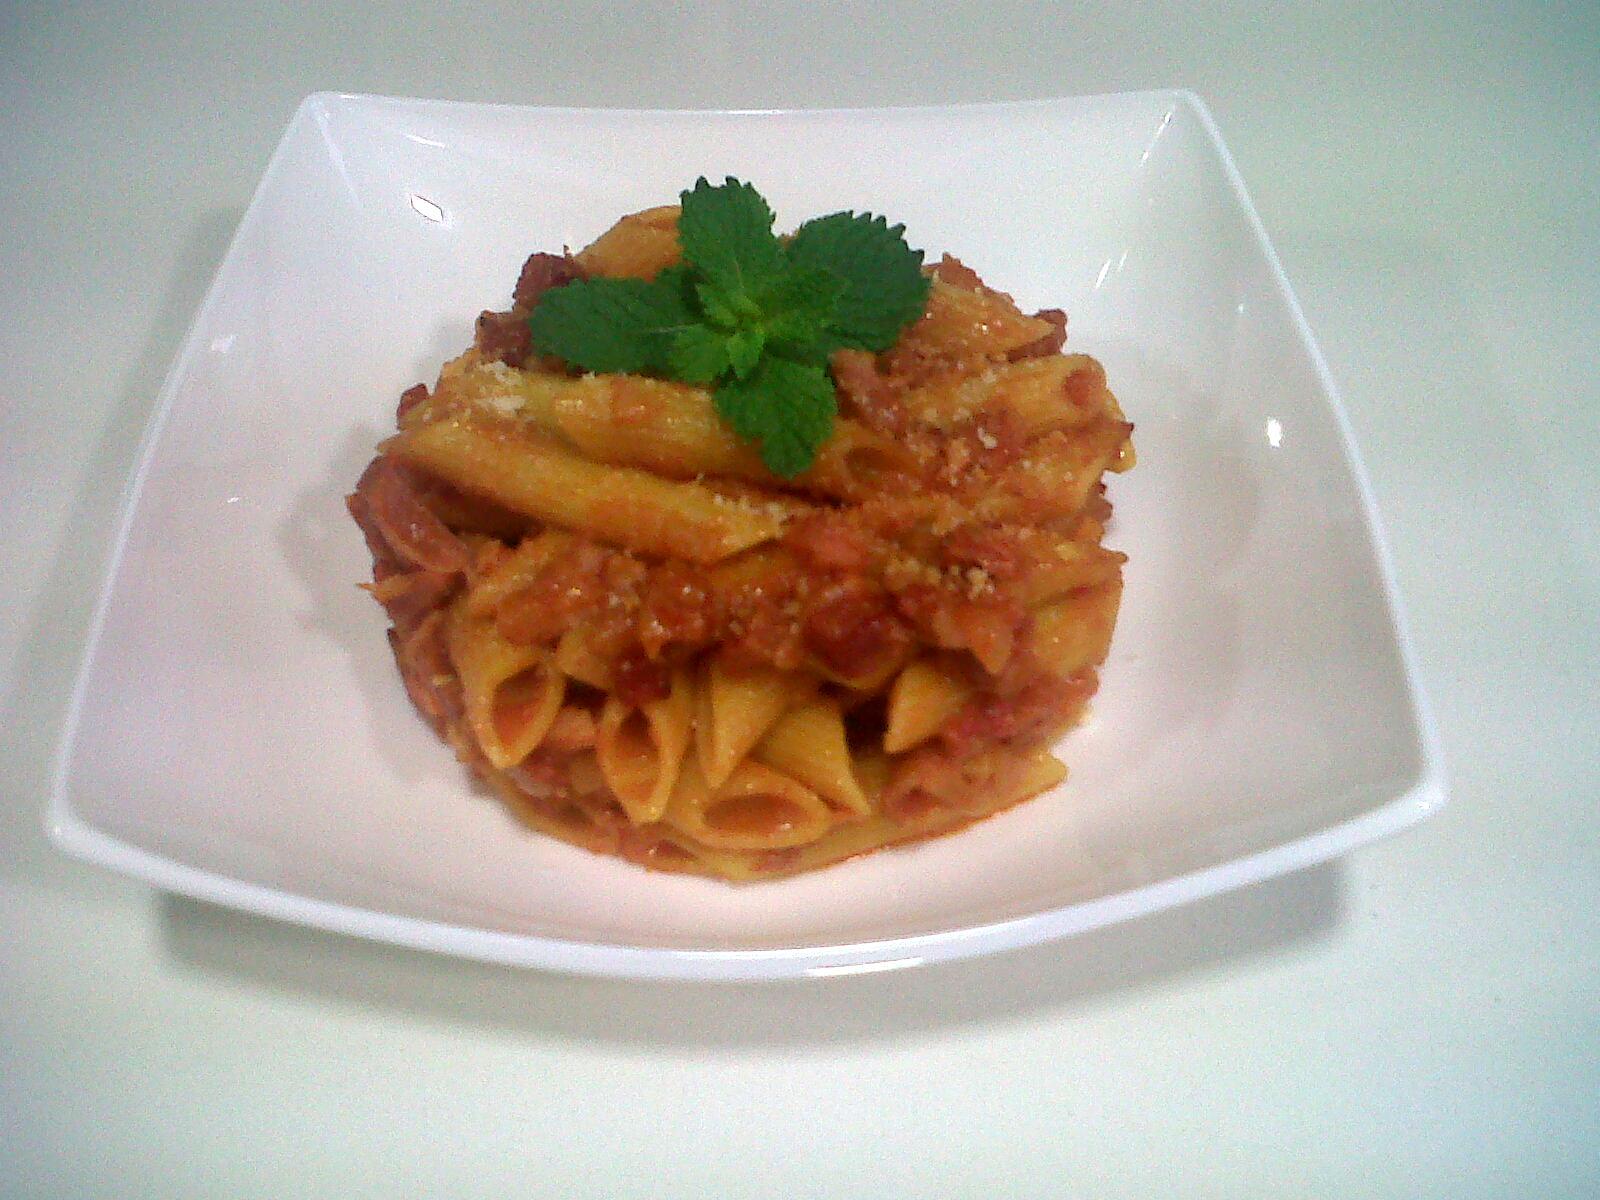 Las recetas de mar macarrones al horno - Macarrones con verduras al horno ...